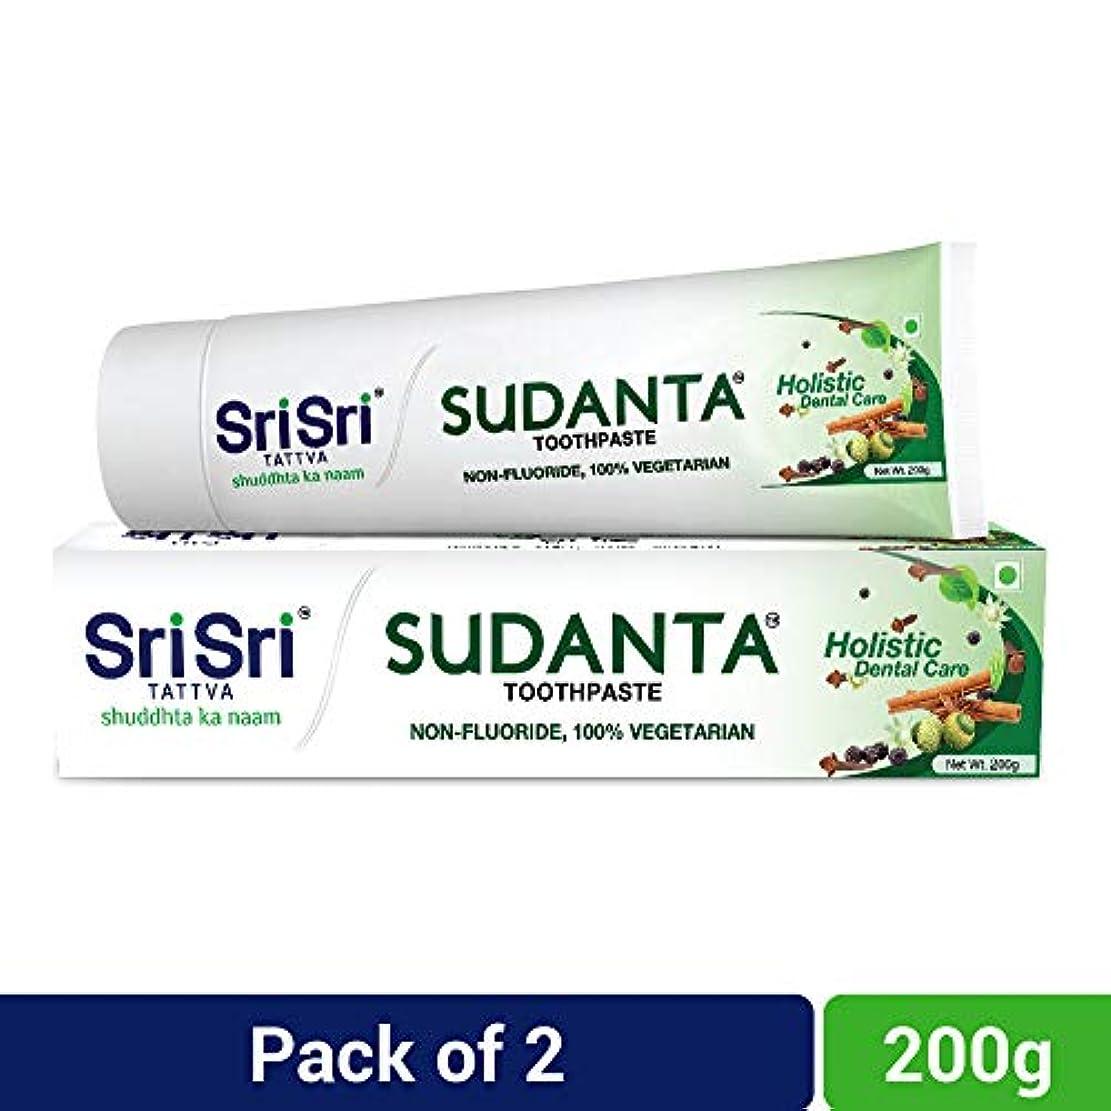 ミシン目安価な骨Sri Sri Tattva Sudanta Toothpaste (200 g) Pack of 2